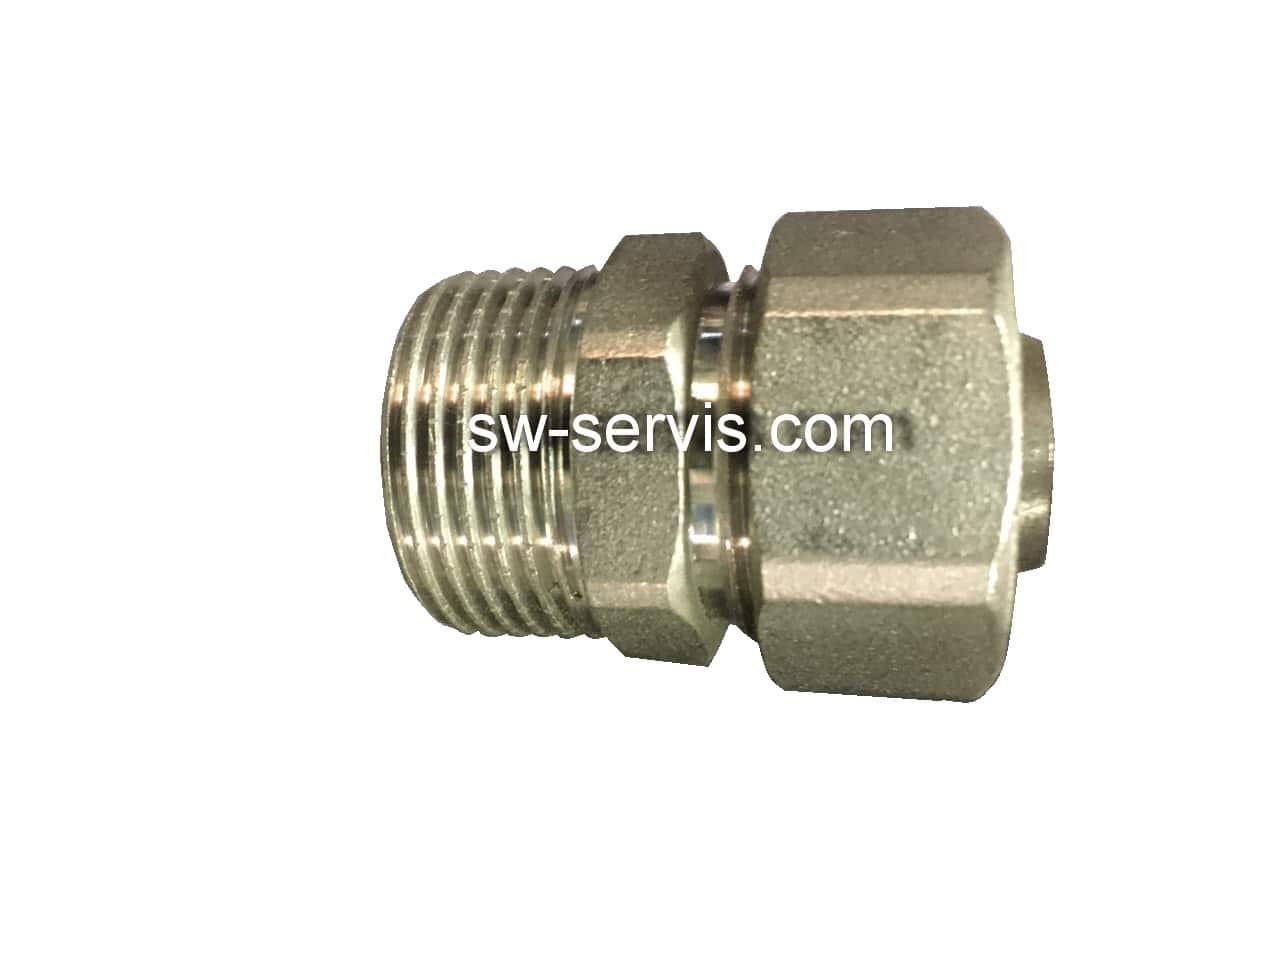 Муфта с наружной для металлопластиковой трубы 20*1/2 усиленная Forte